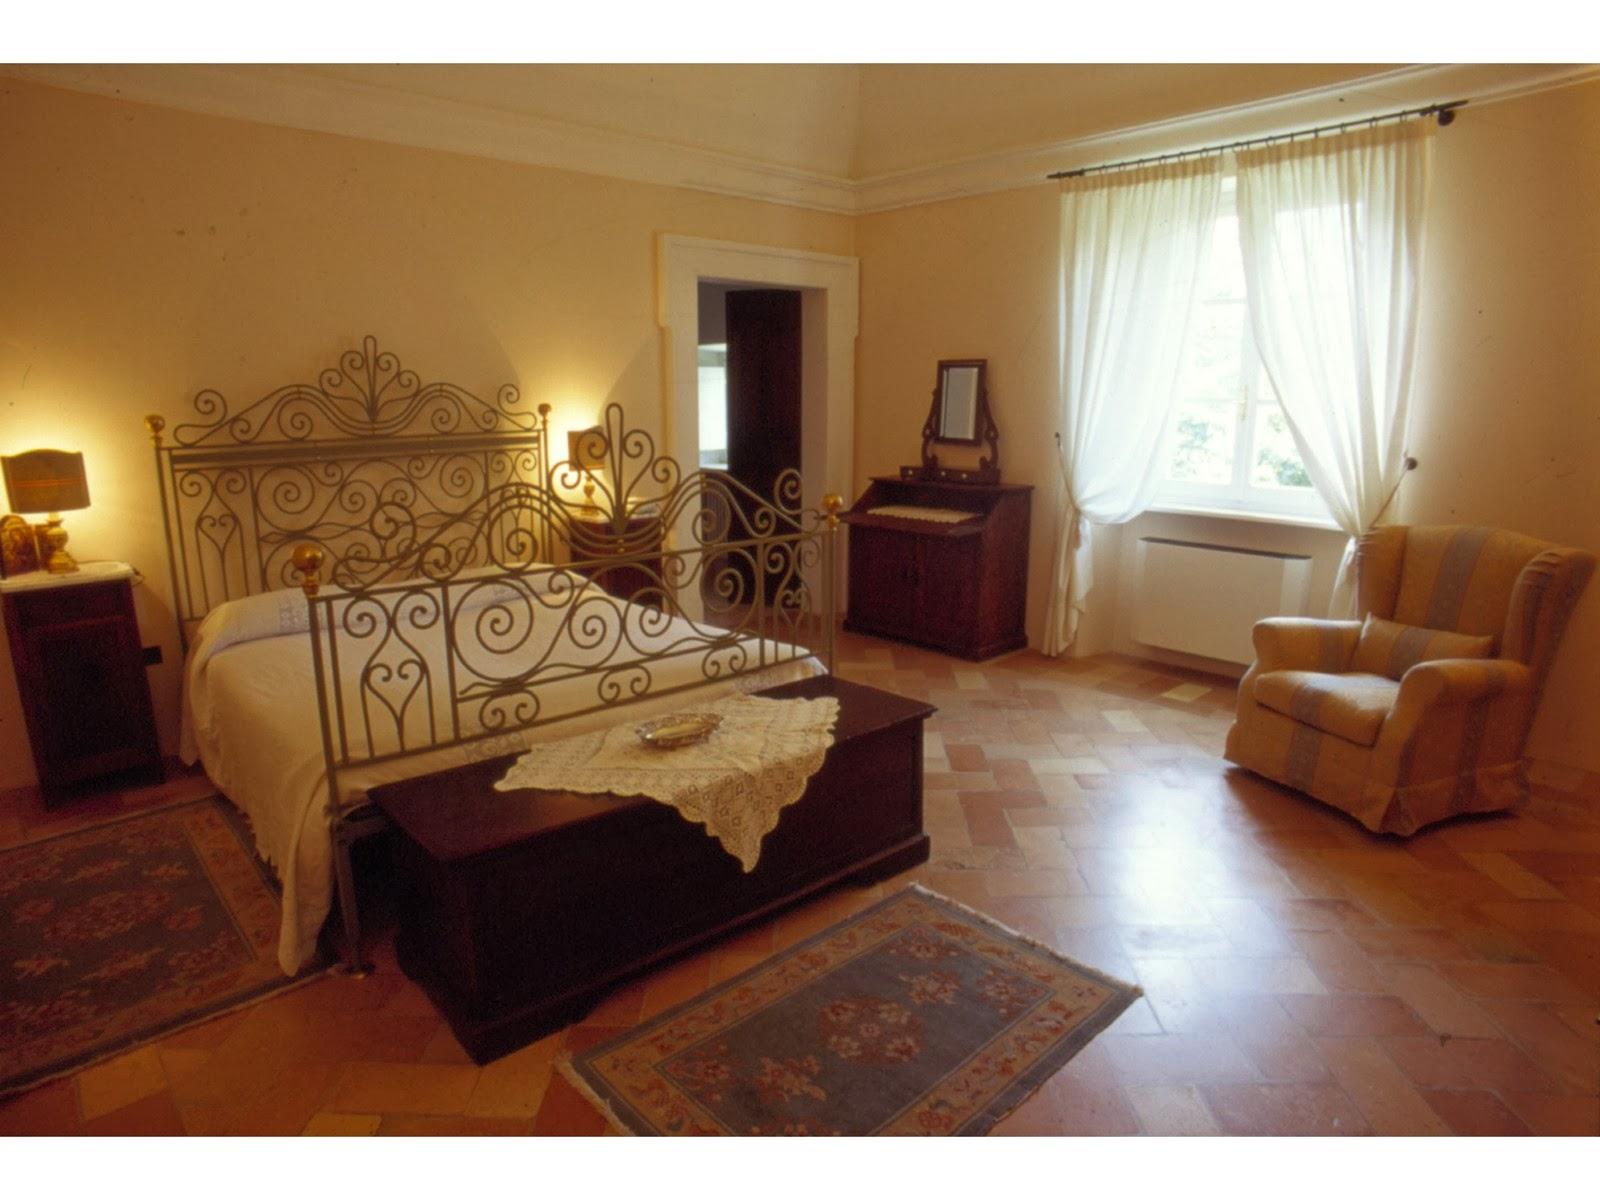 Ferienhaus Villa Montemaggiore (934885), Colli del Tronto, Ascoli Piceno, Marken, Italien, Bild 9